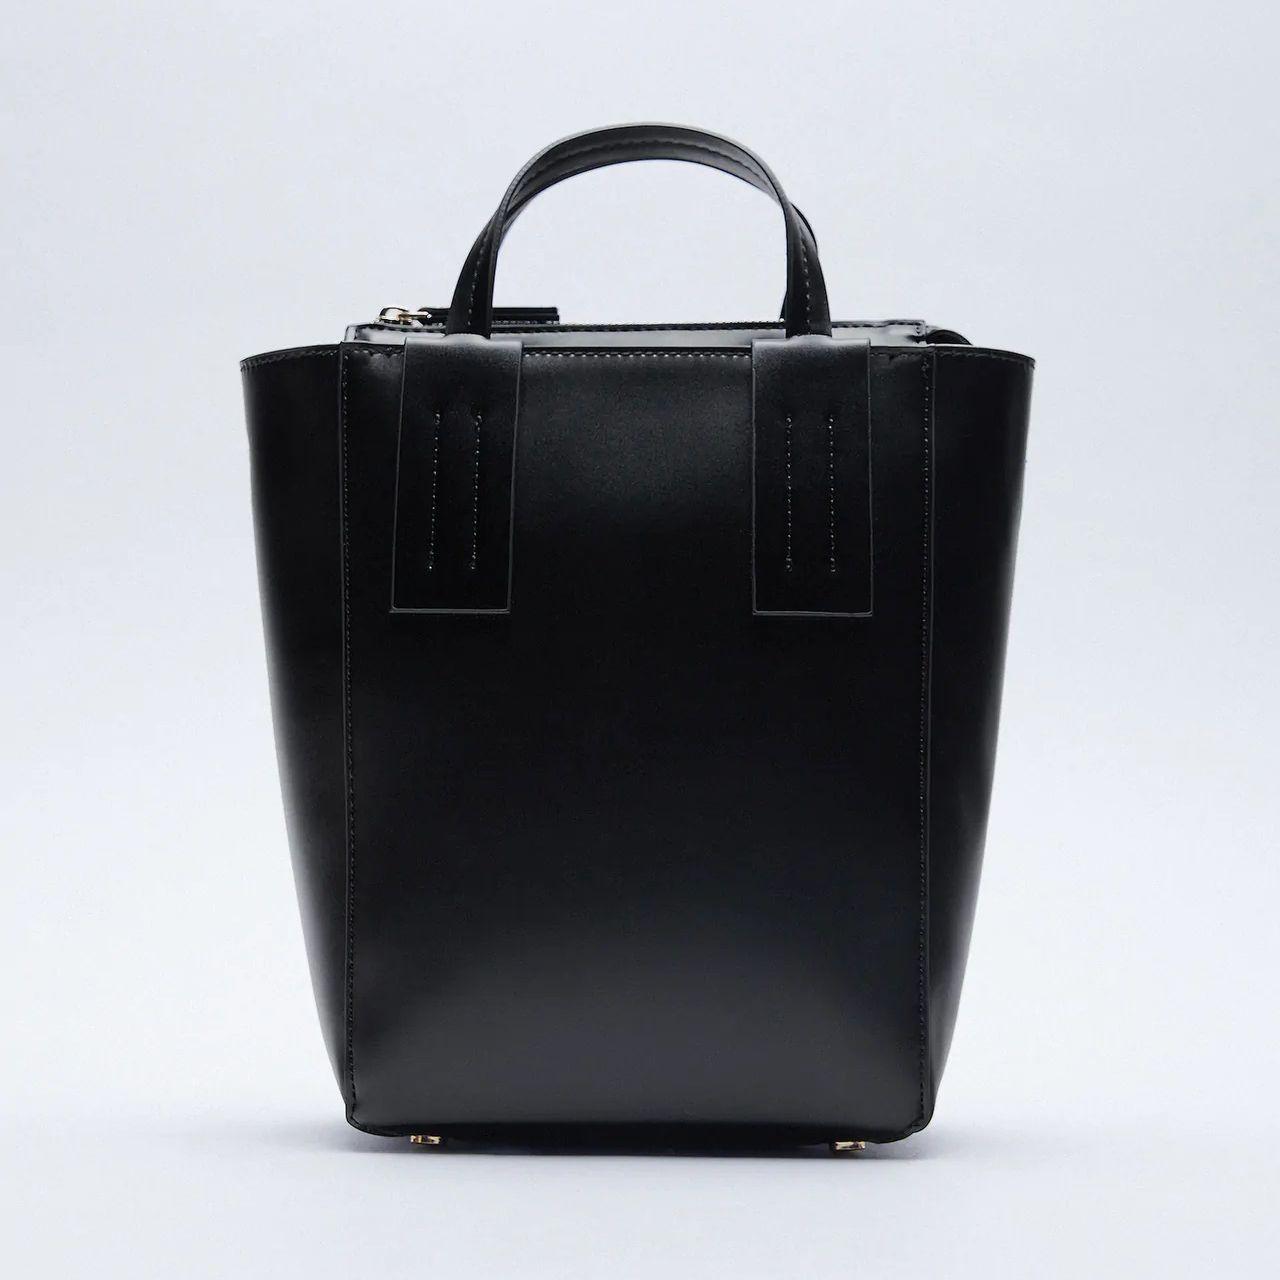 کیف دستی زنانه زارا مدل 040-710-6106